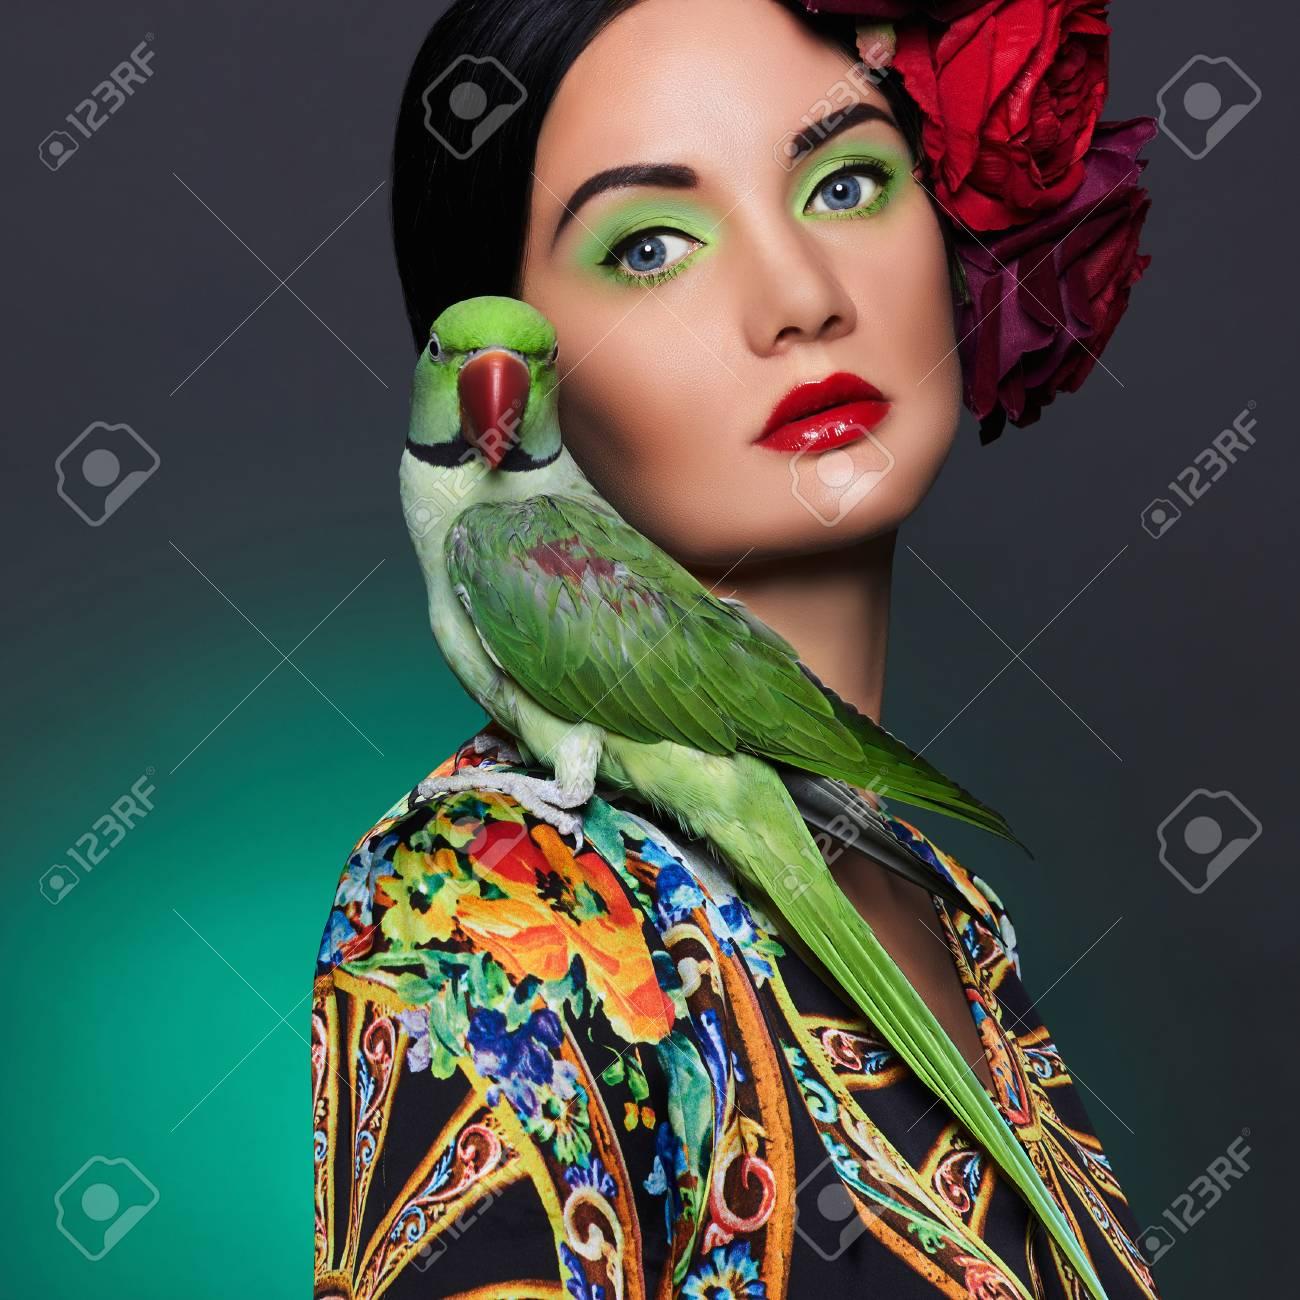 Excepcional Pelo Y Maquillaje De Uñas Regalo - Ideas Para Pintar ...